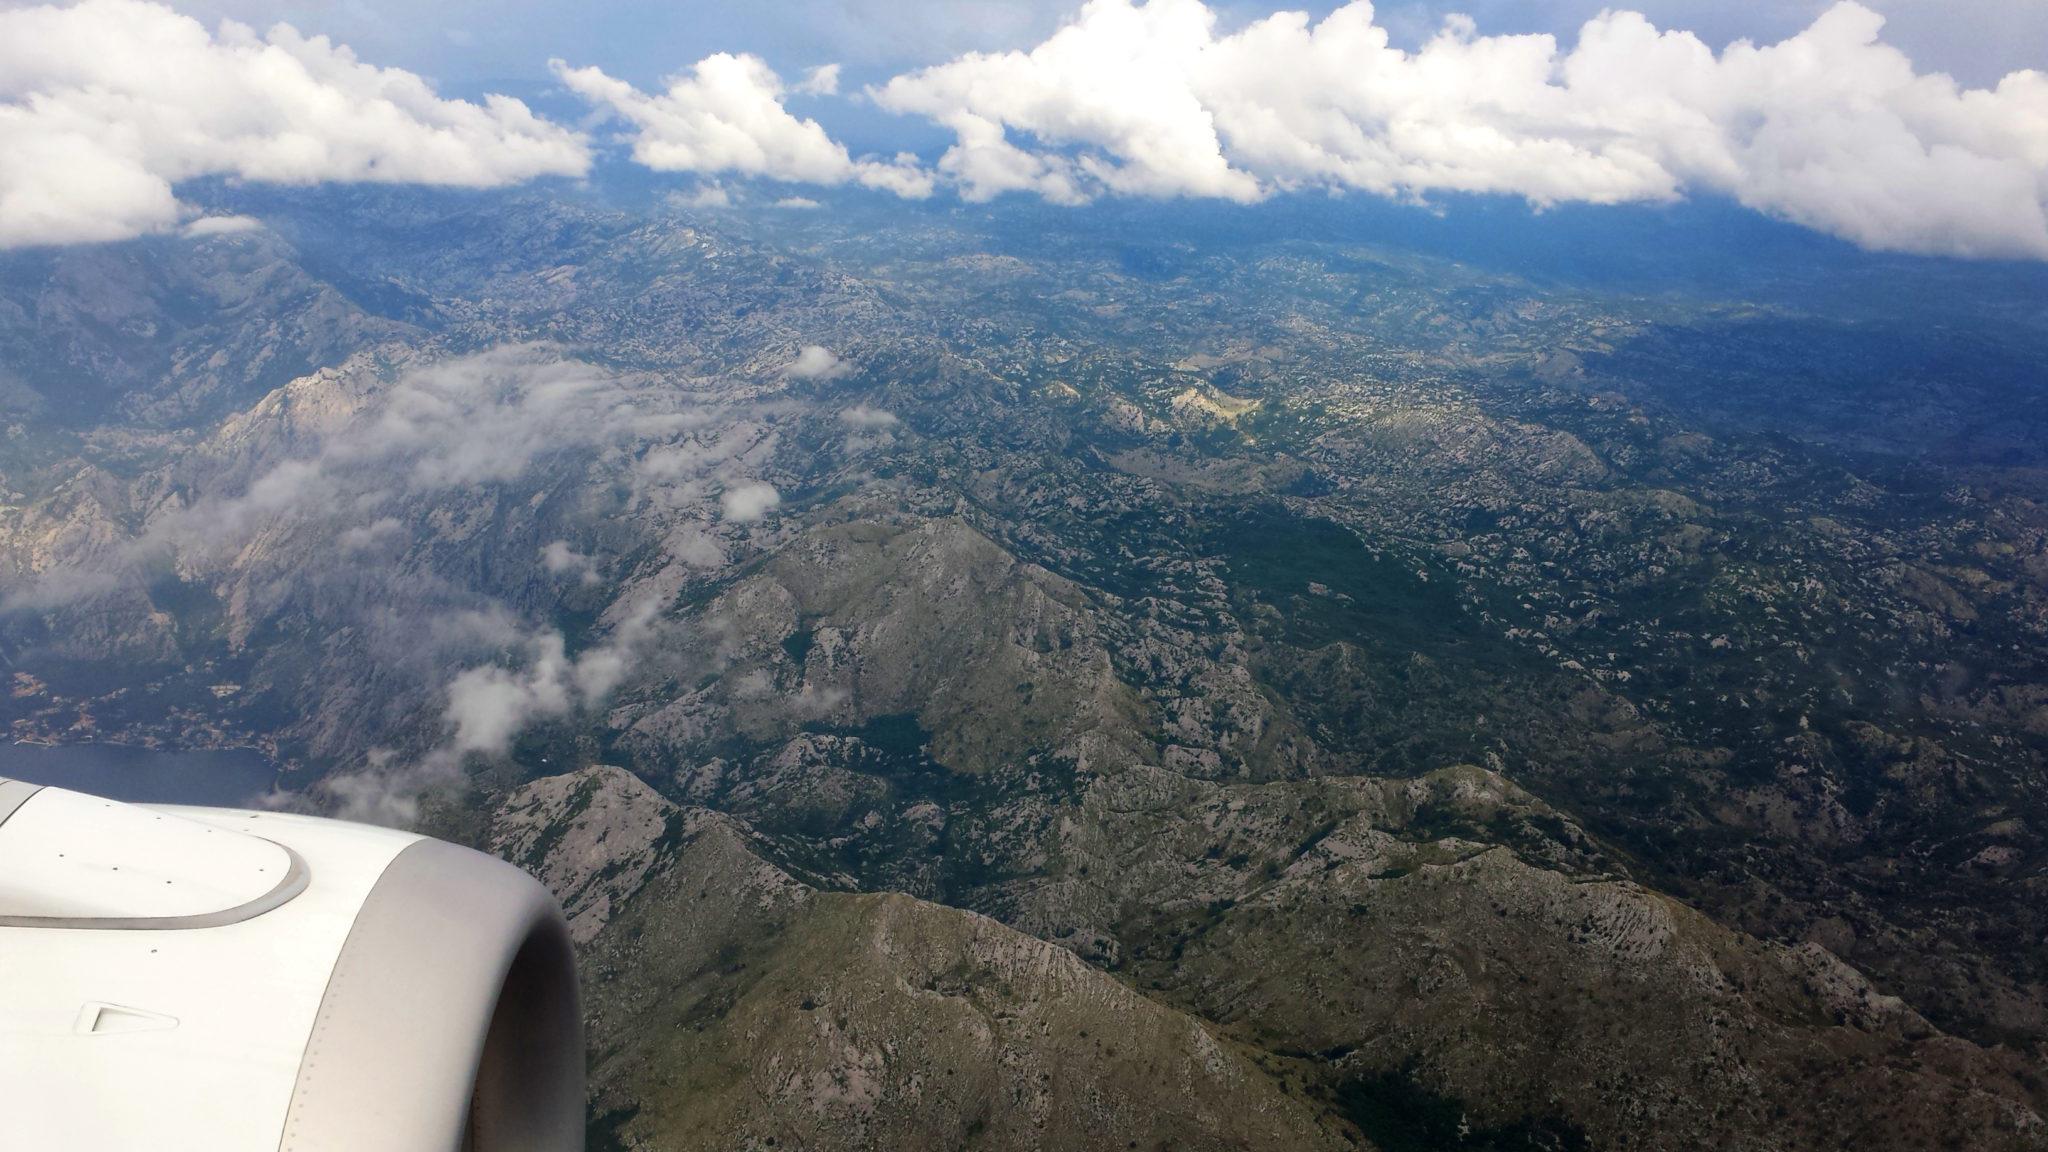 Hema_Montenegro_vue_ciel_sky_view1